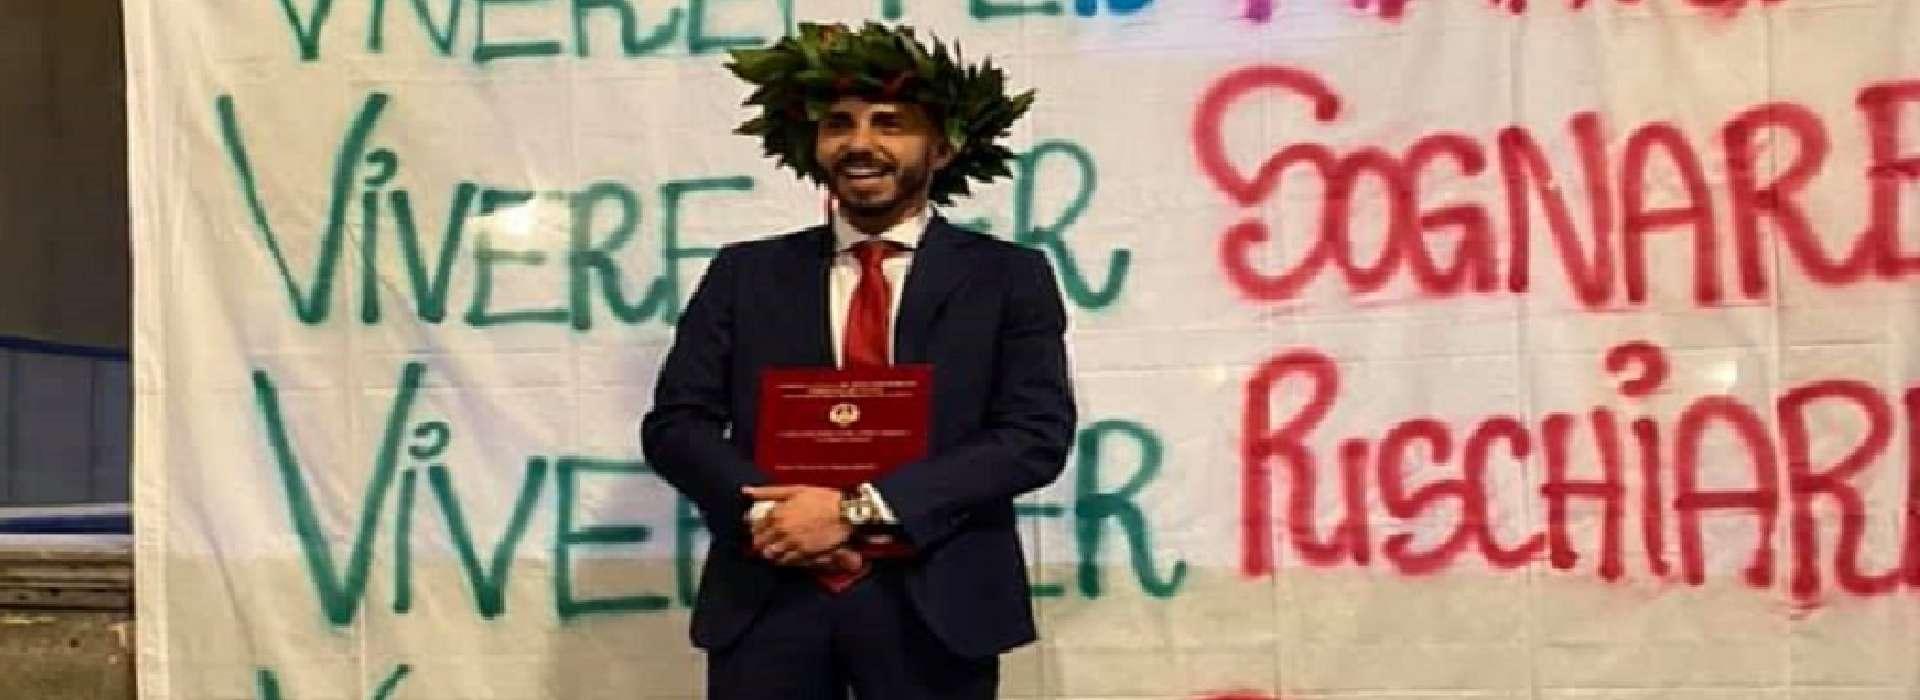 Daniel Zaccaro e la sua laurea